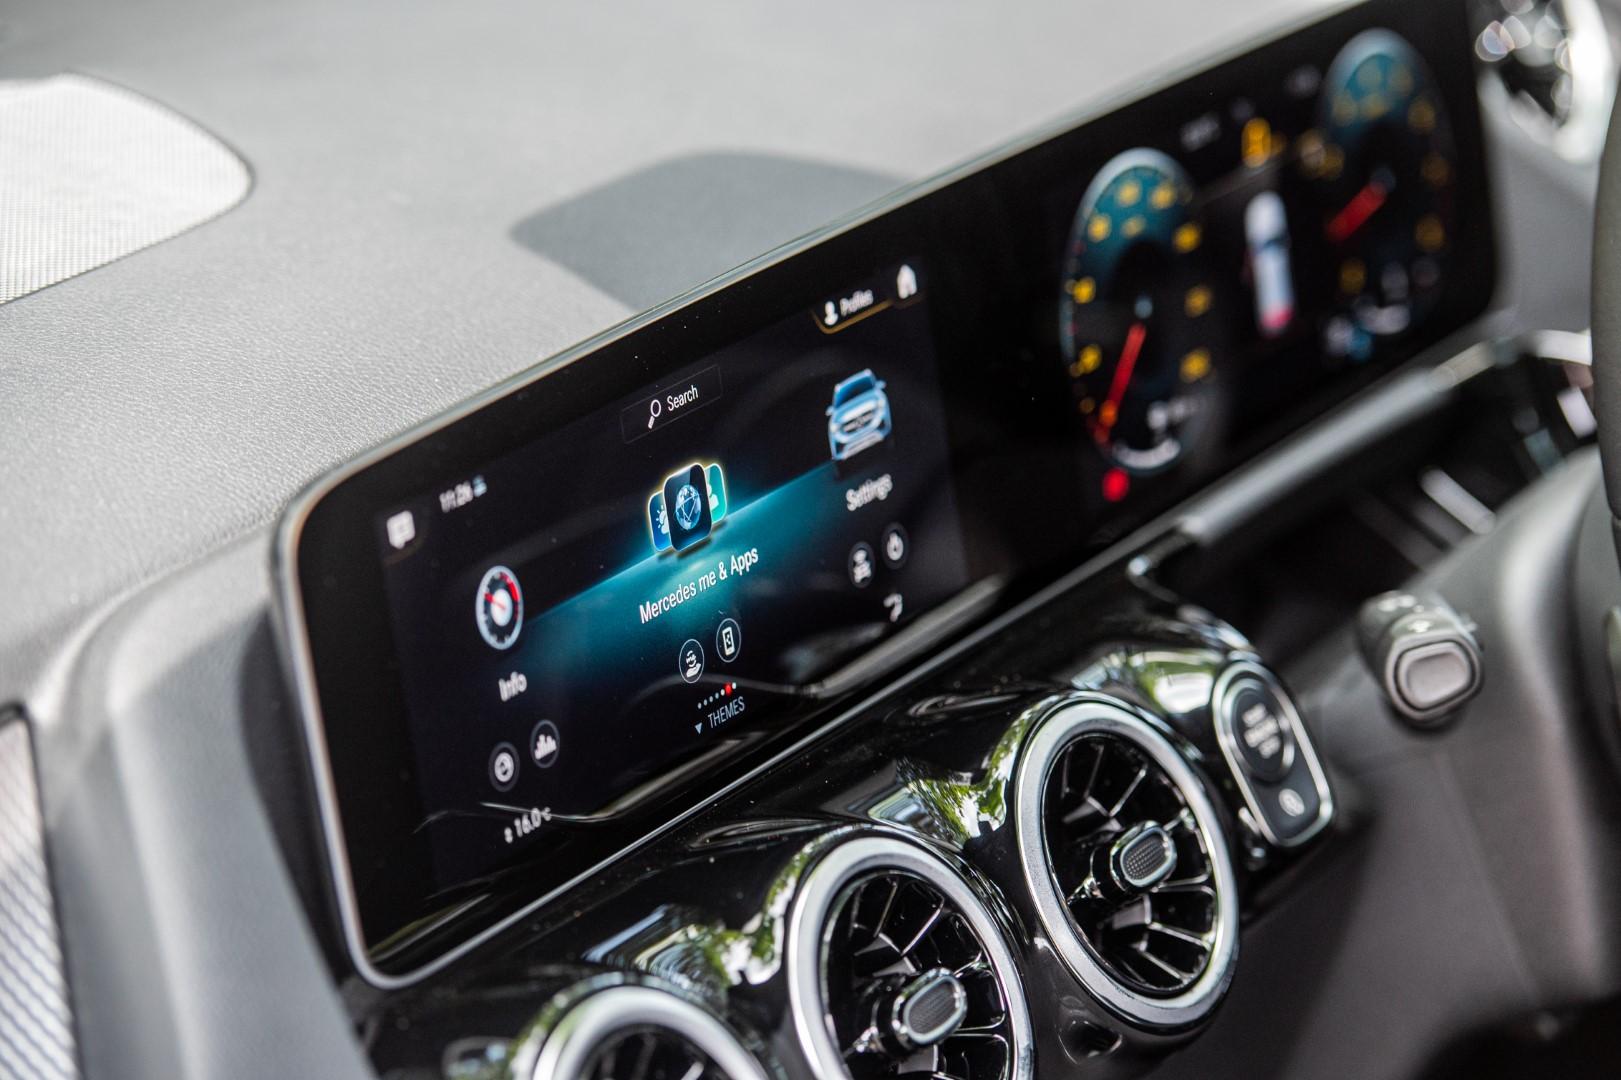 Mercedes-Benz GLA MBUX